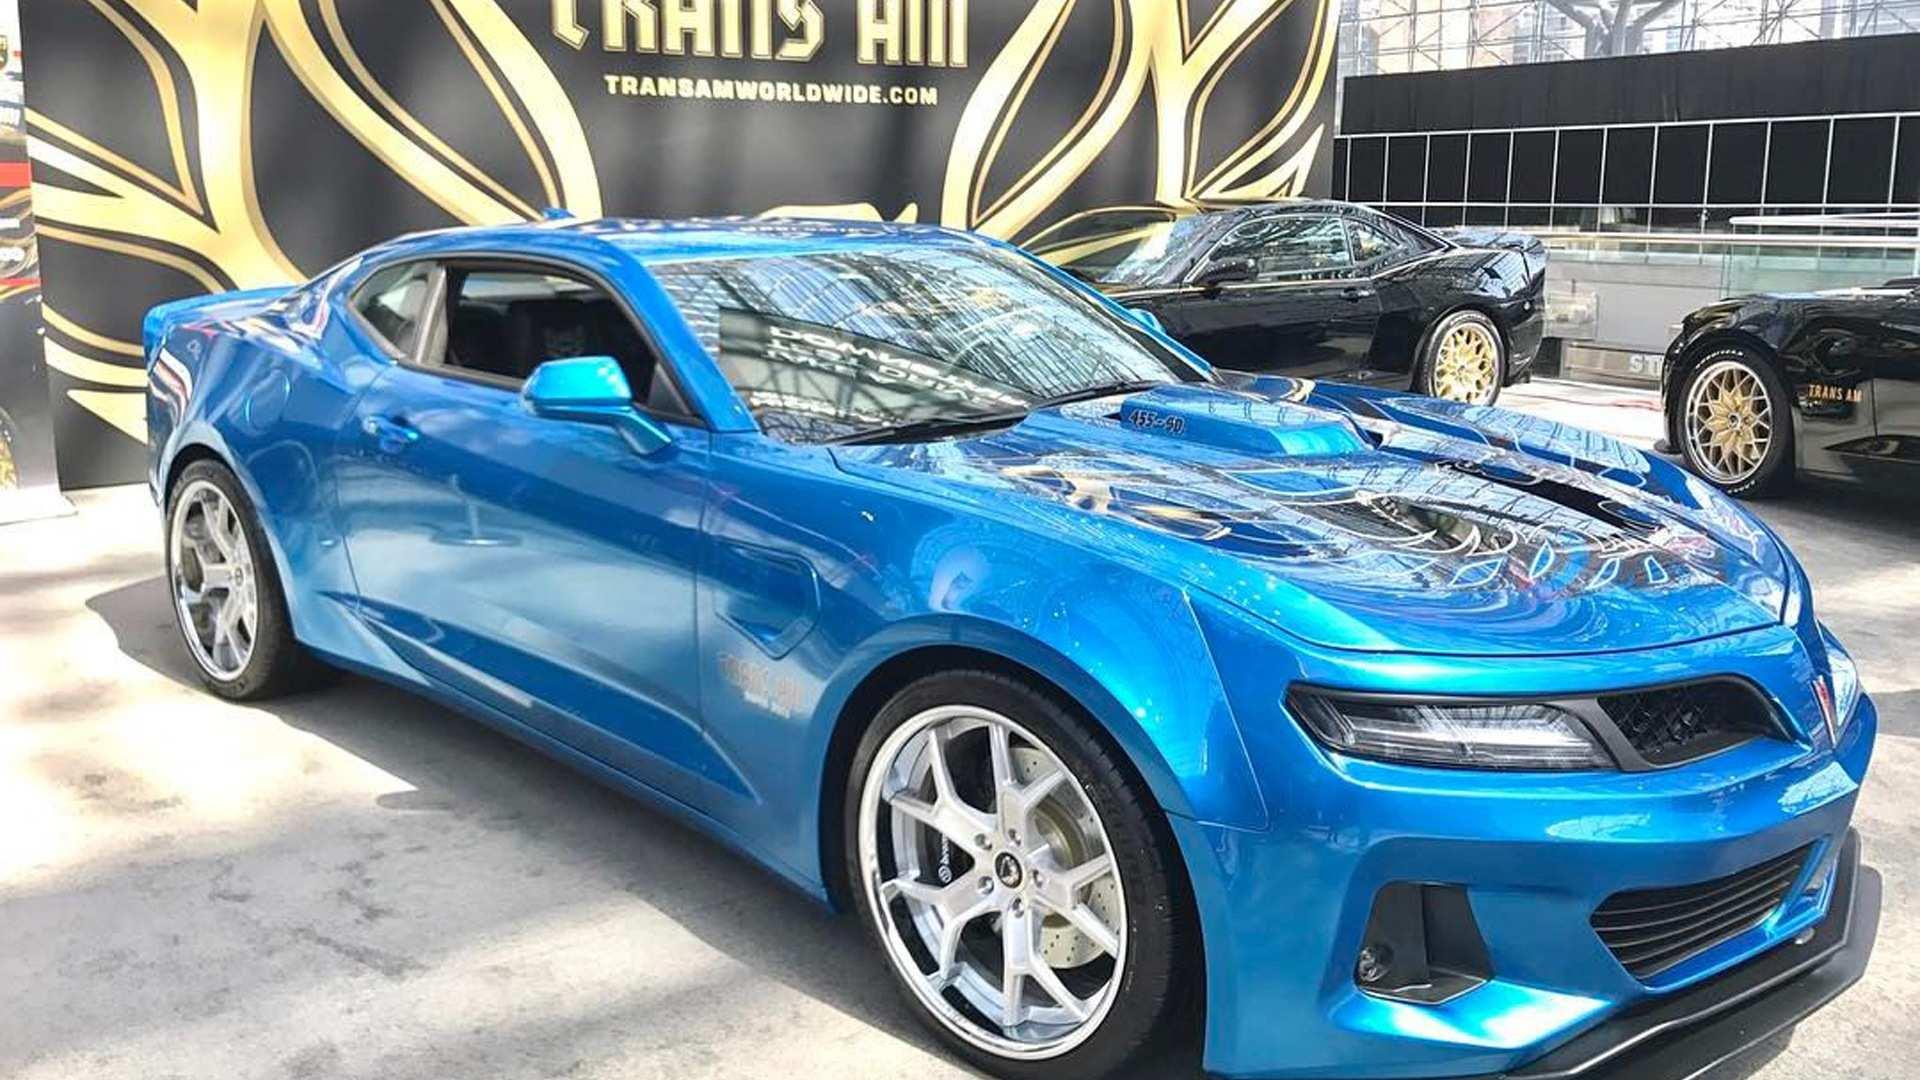 39 Concept of 2020 Pontiac Trans Am Style for 2020 Pontiac Trans Am